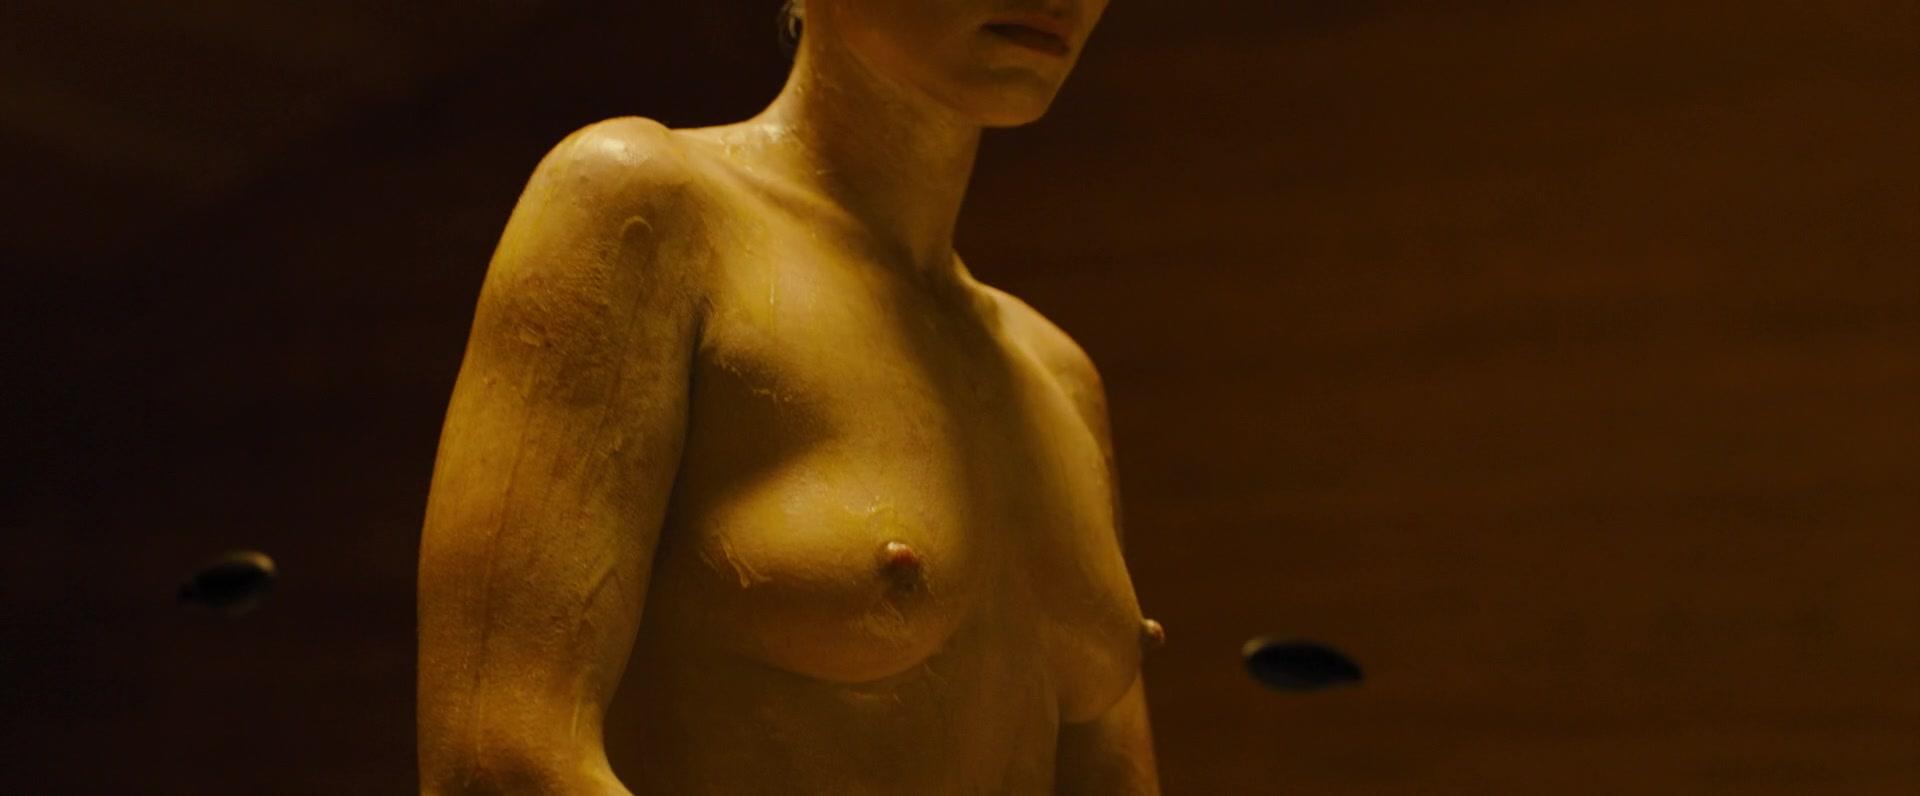 Ana-de-Armas-Sallie-Harmsen-Mackenzie-Davis-etc-Nude-22-thefappeningblog.com_.jpg